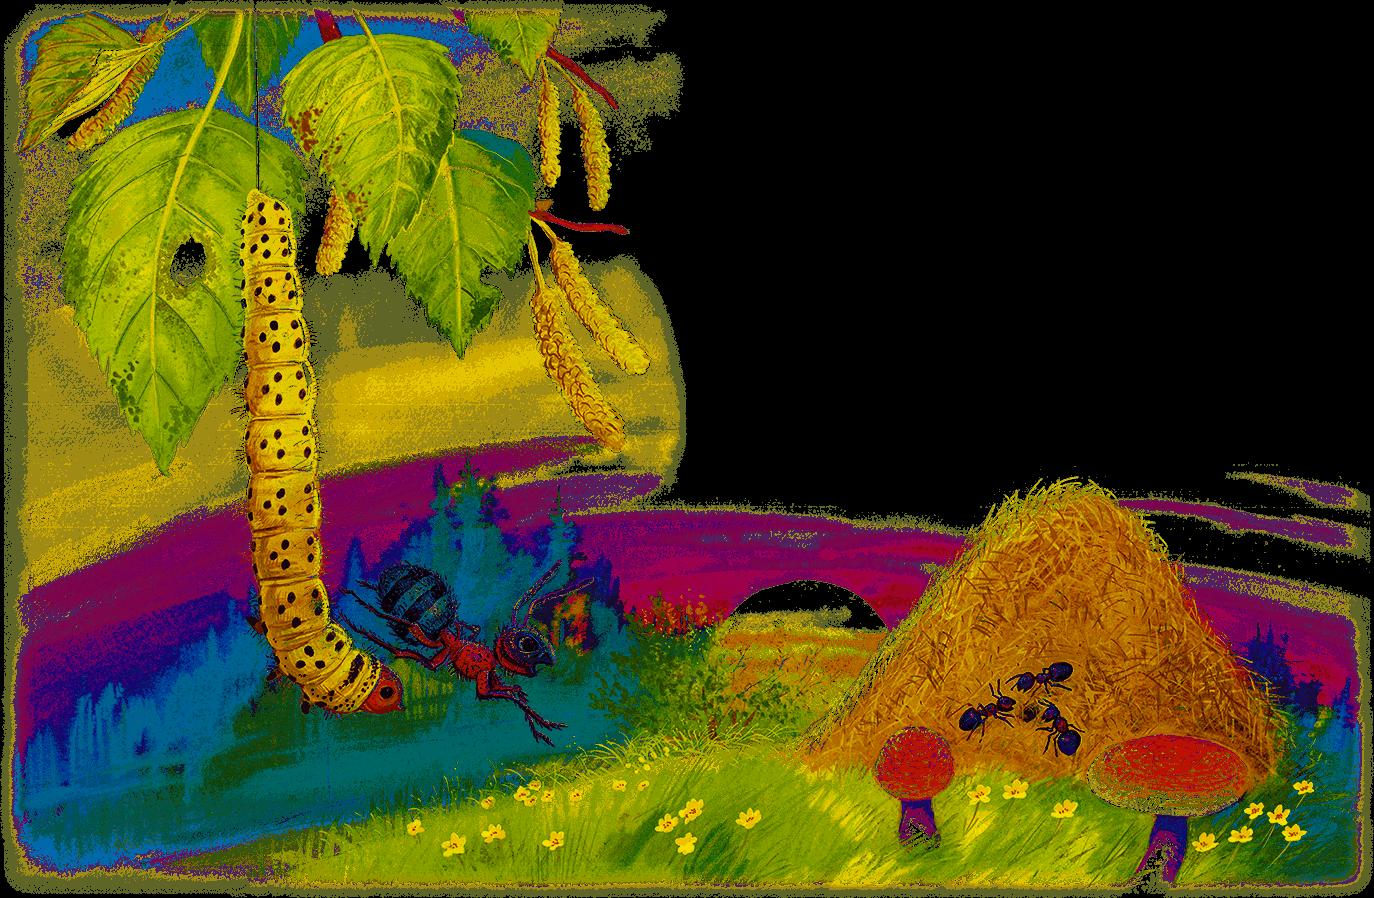 рисунок к рассказу приключения муравьишки предварительной версии